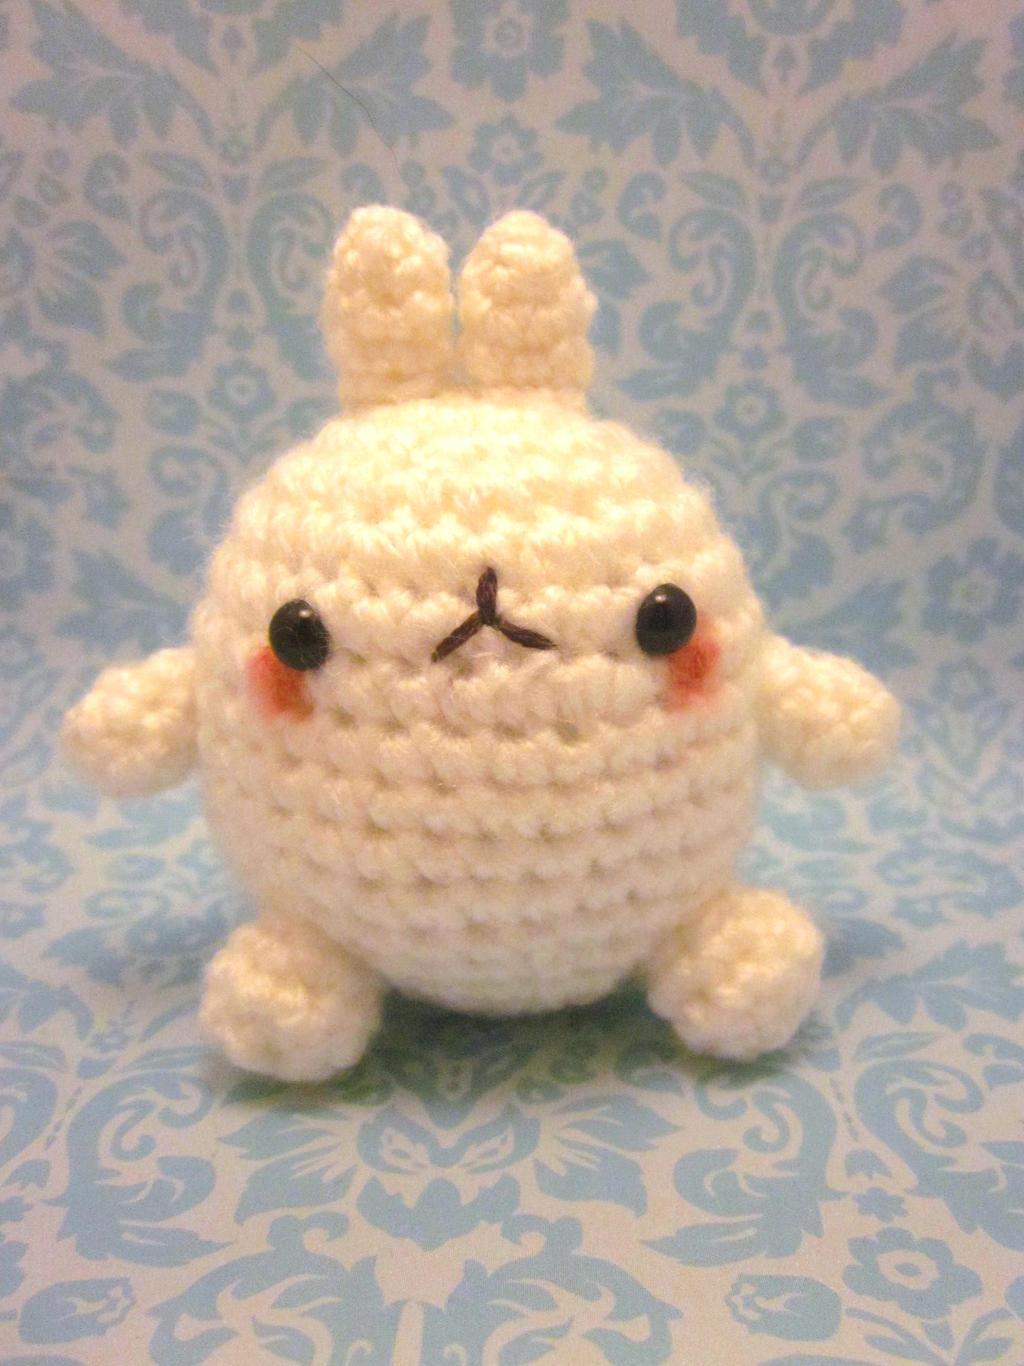 Amigurumi Cupcake Bunny : Molang the Rabbit Bunny Amigurumi Crochet Doll by ...